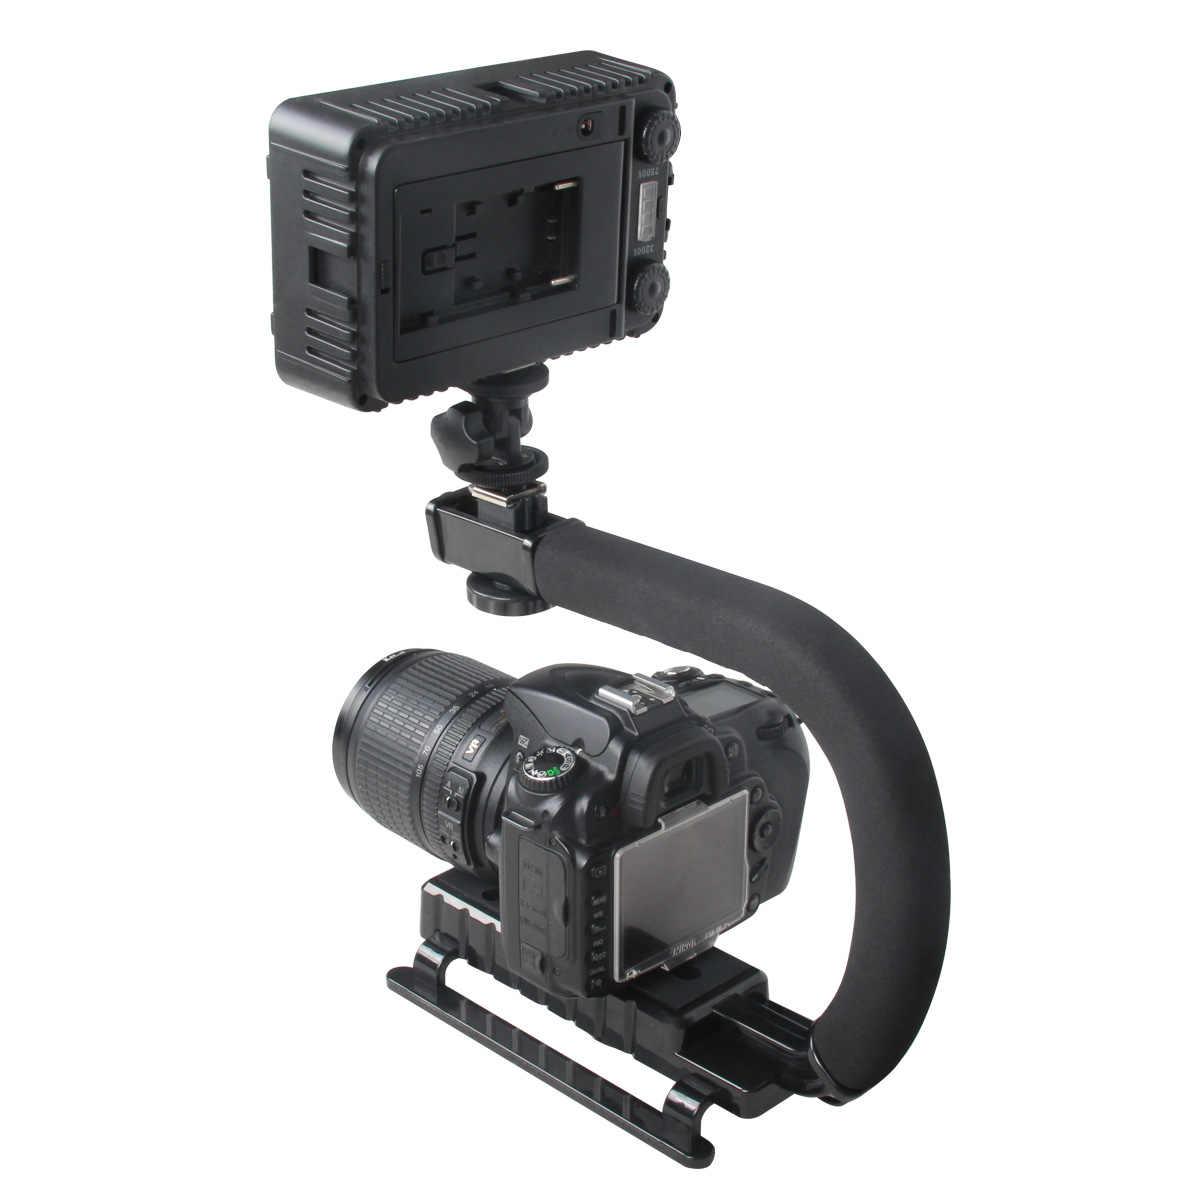 C شكل حامل قبضة فيديو مثبت يدوي ل DSLR نيكون كانون سوني كاميرا و ضوء المحمولة SLR Steadicam ل Gopro